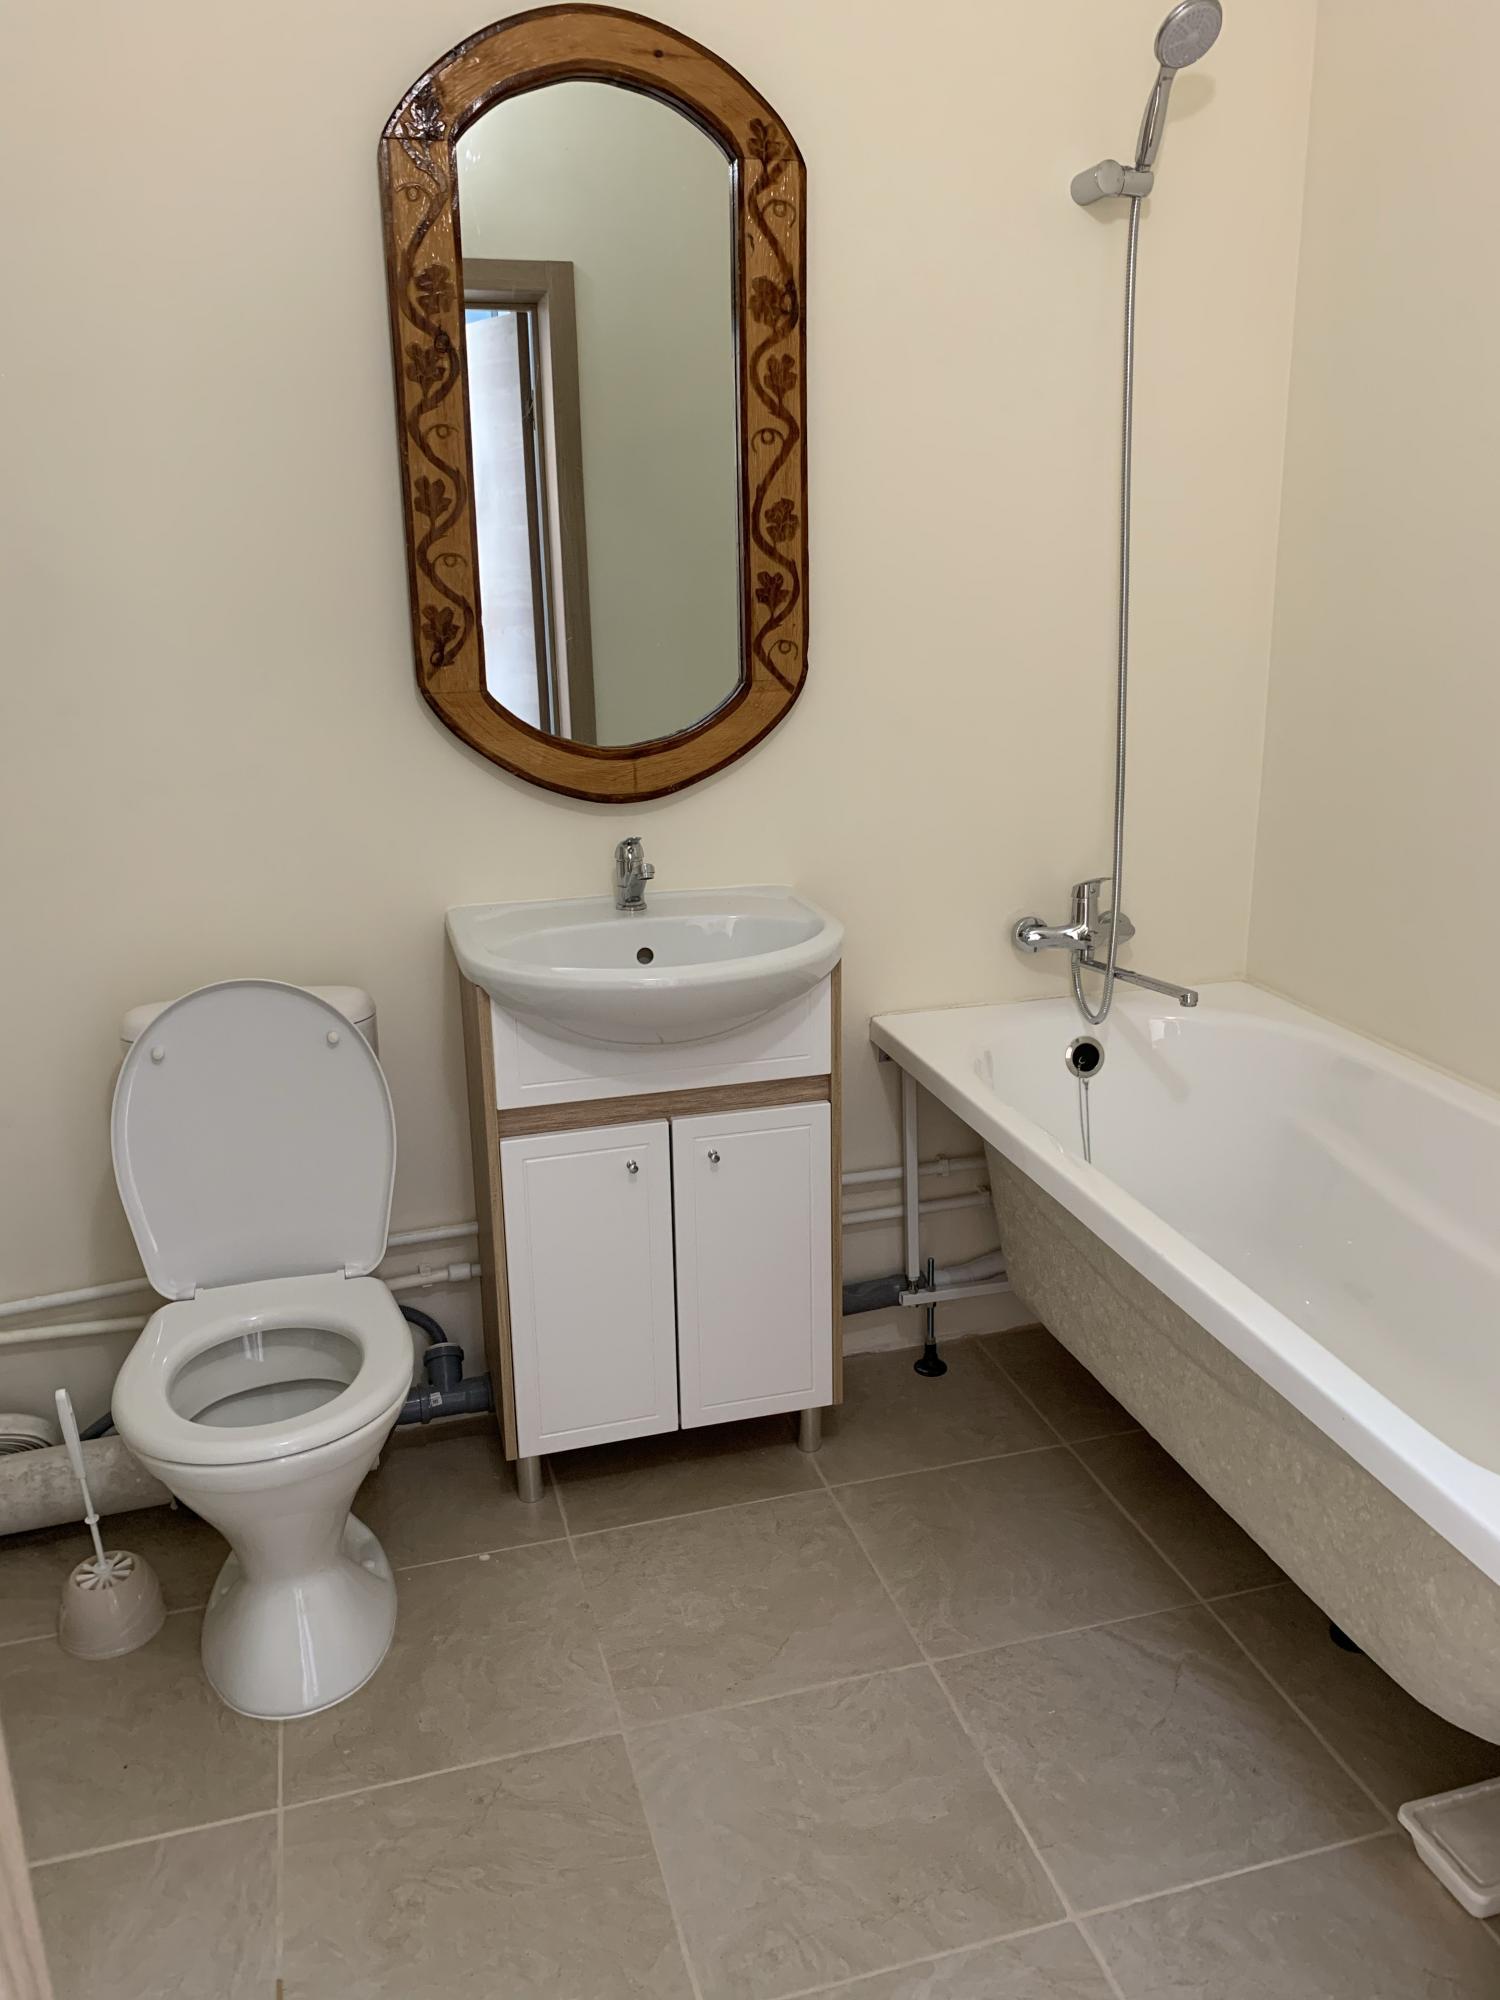 1к квартира Ярыгинская набережная, 5 | 15500 | аренда в Красноярске фото 4